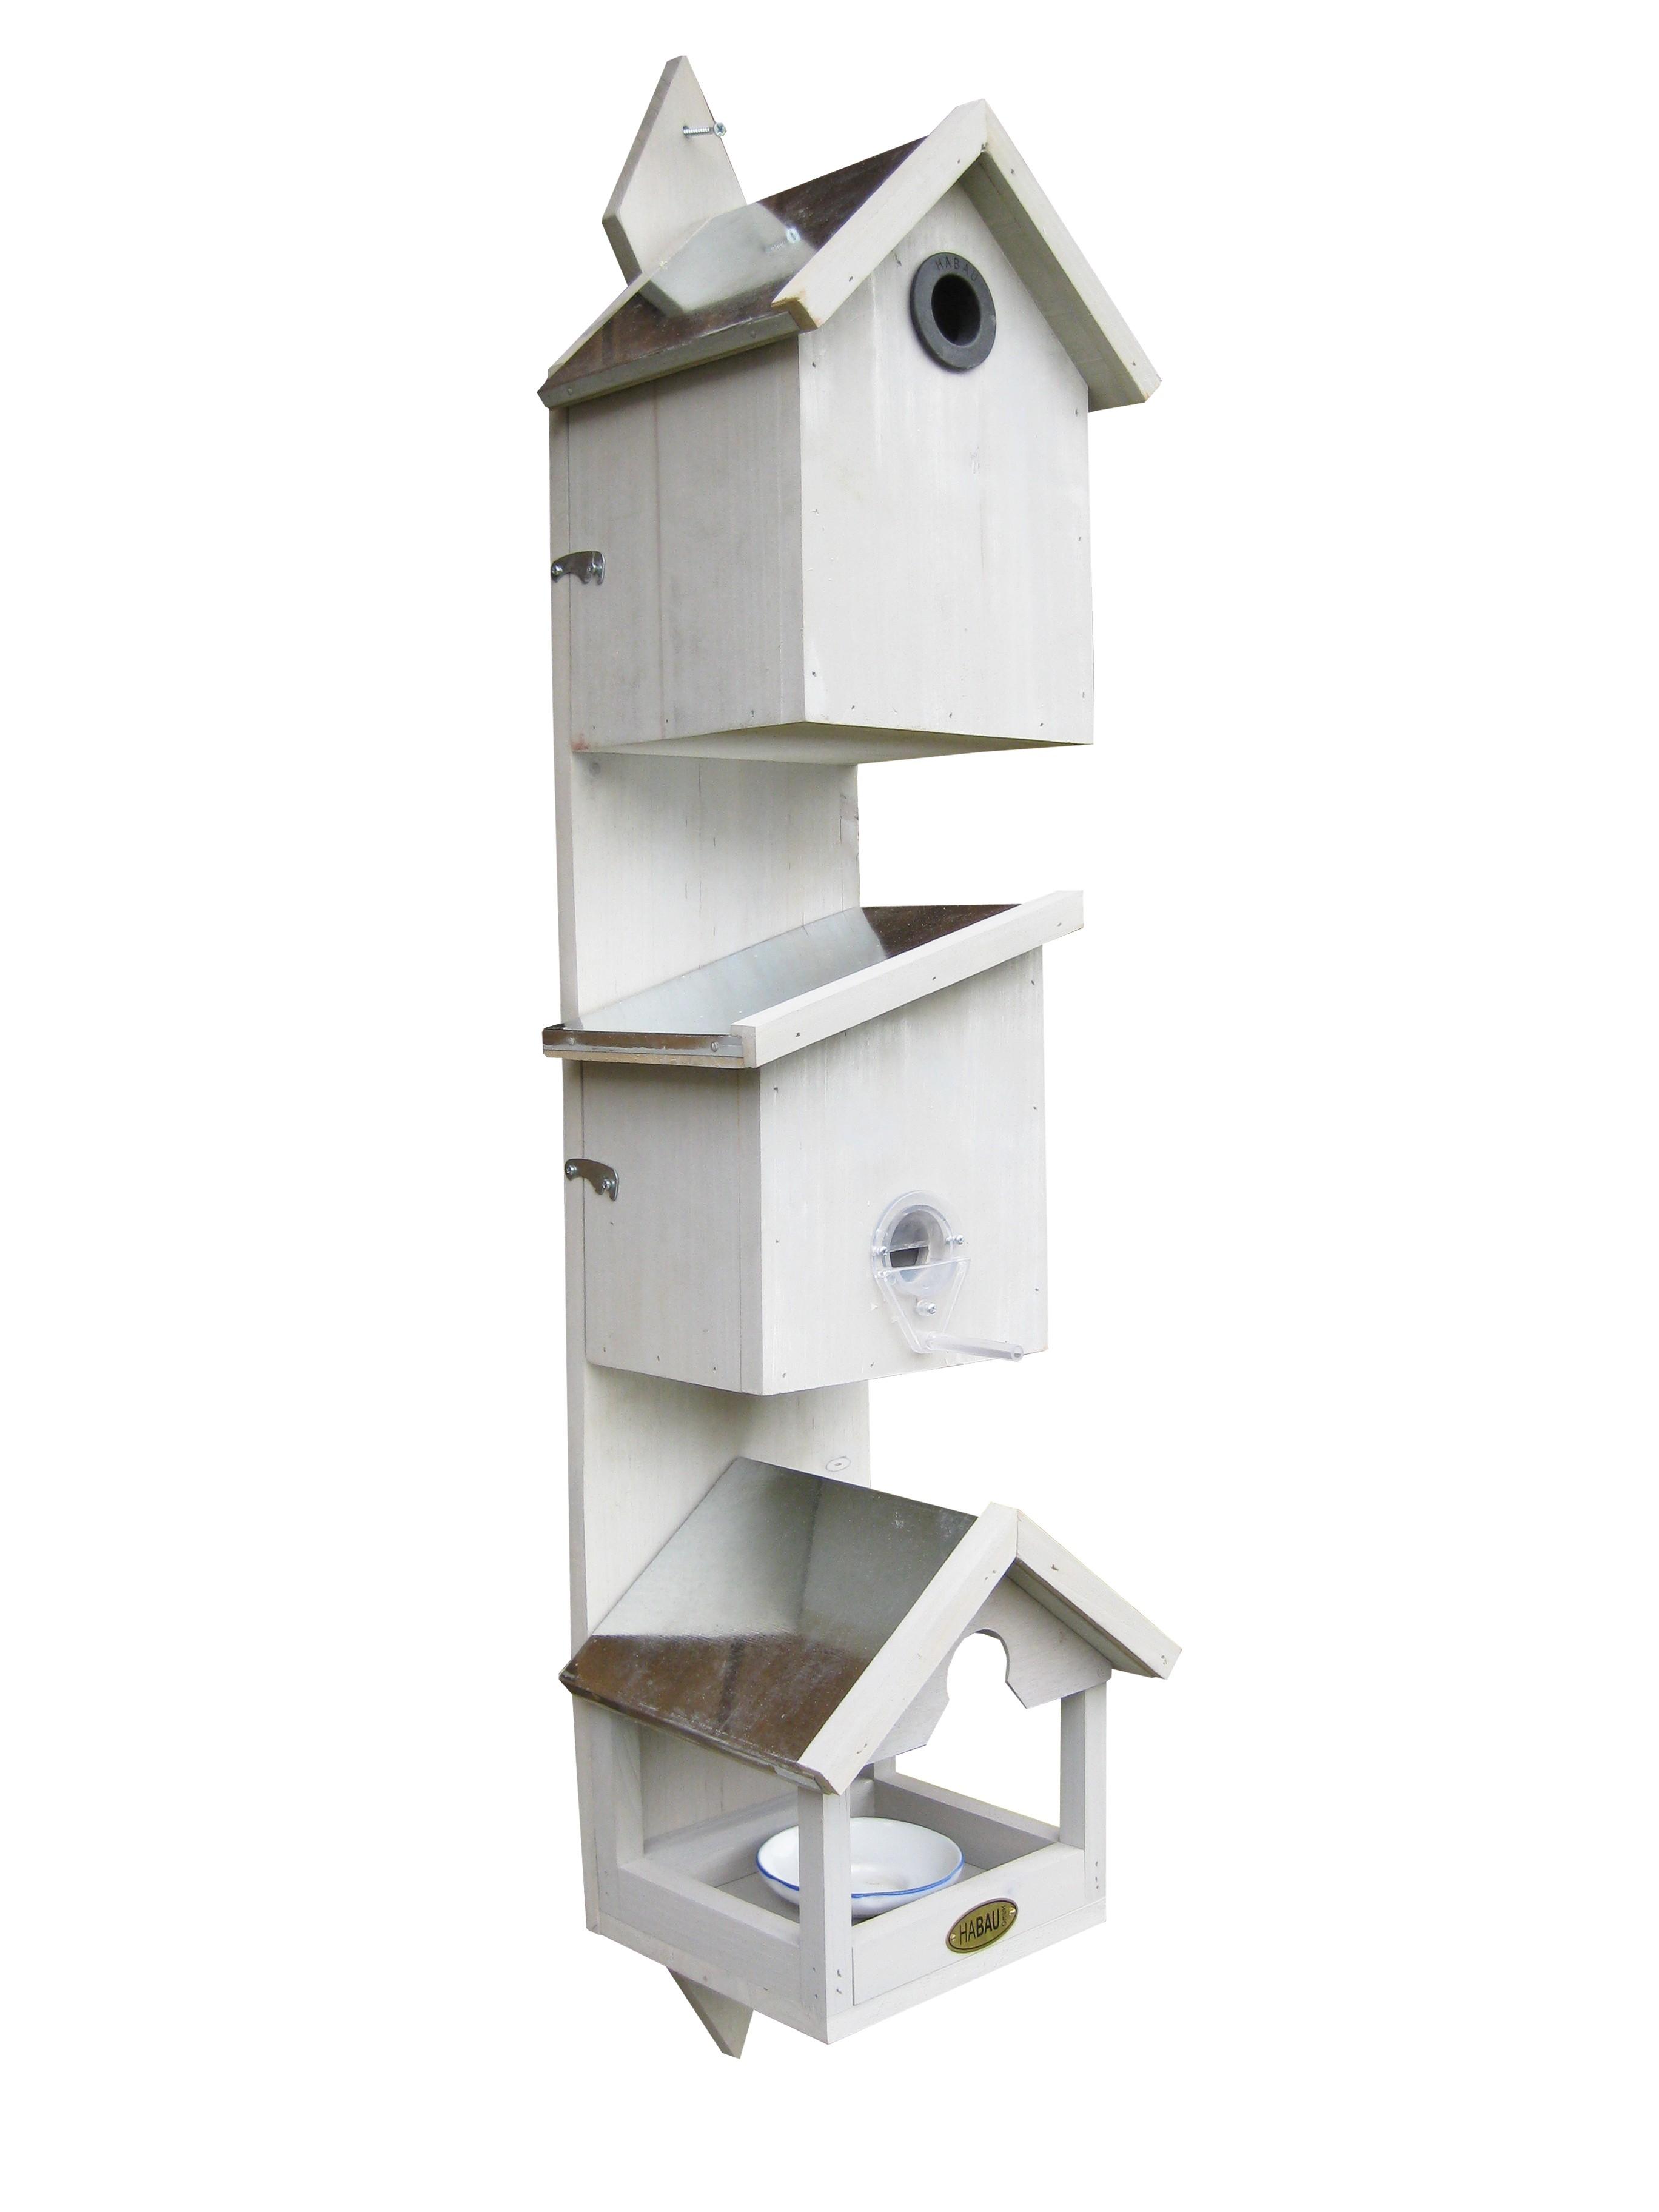 vogelhaus habau triple 3in1 mit nistkasten wasser und futterstation bei. Black Bedroom Furniture Sets. Home Design Ideas